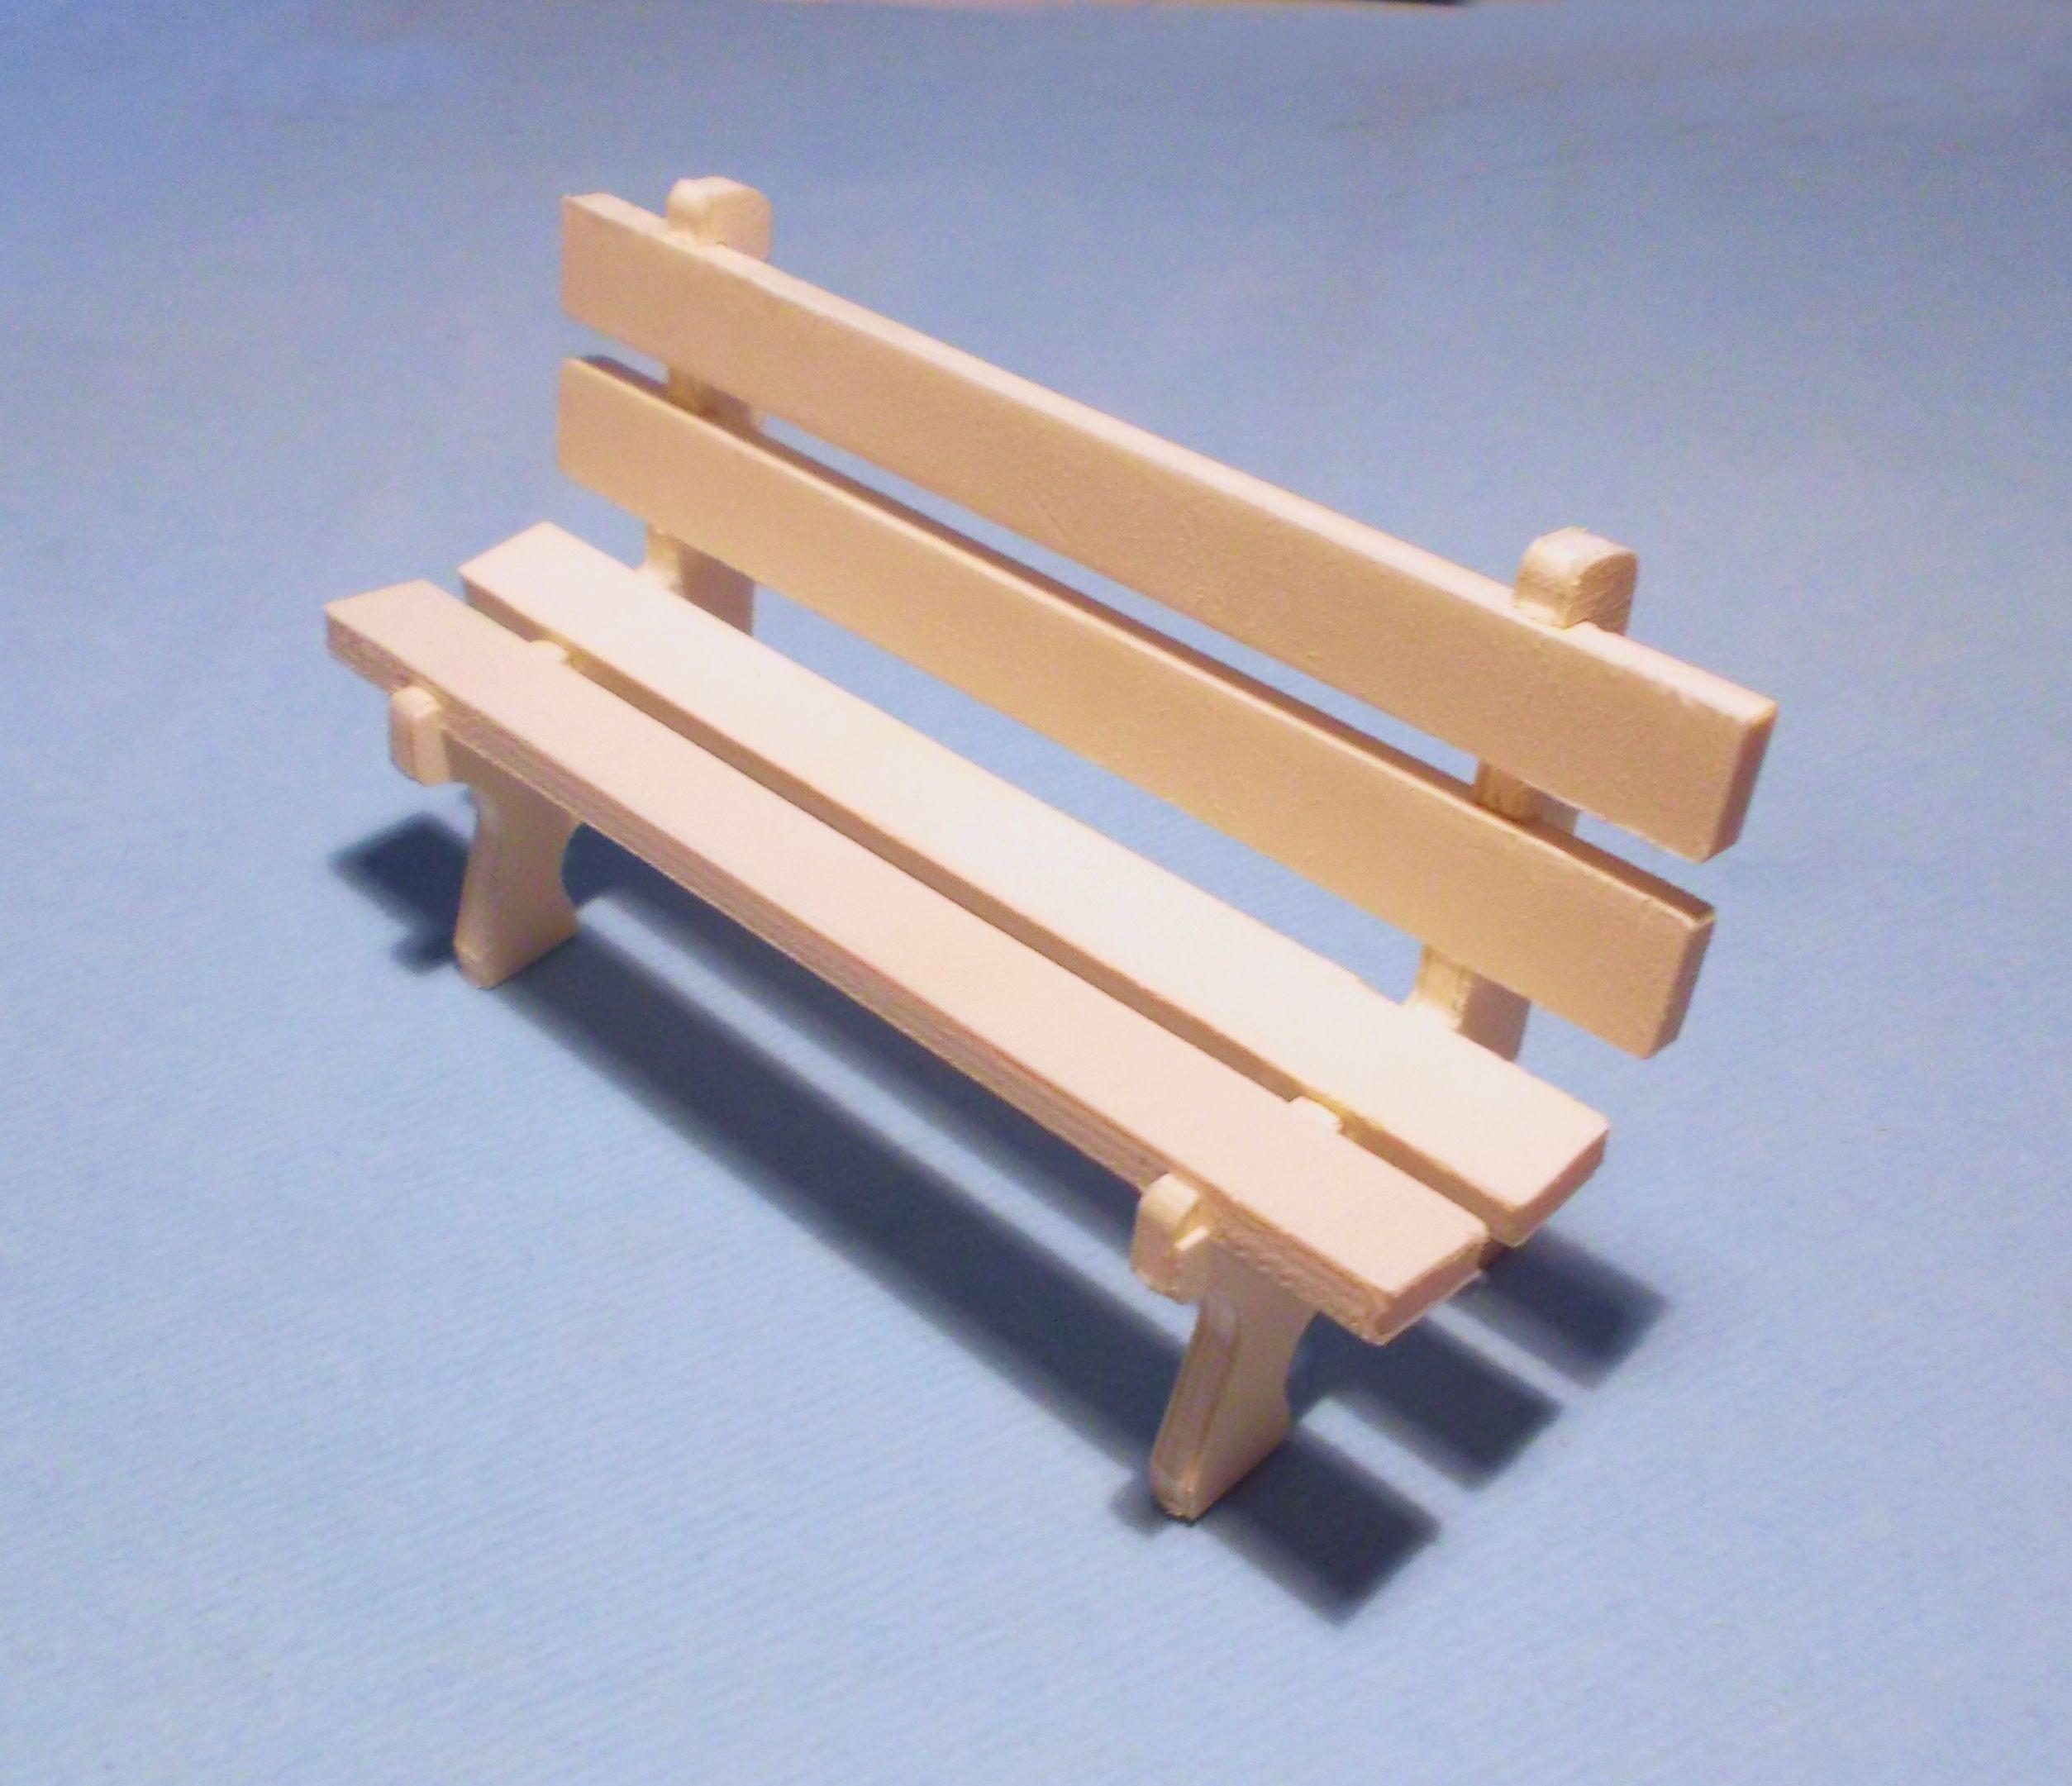 fabriquer un banc fabrication banc diy latest accompagn de sa petite table with fabriquer un. Black Bedroom Furniture Sets. Home Design Ideas